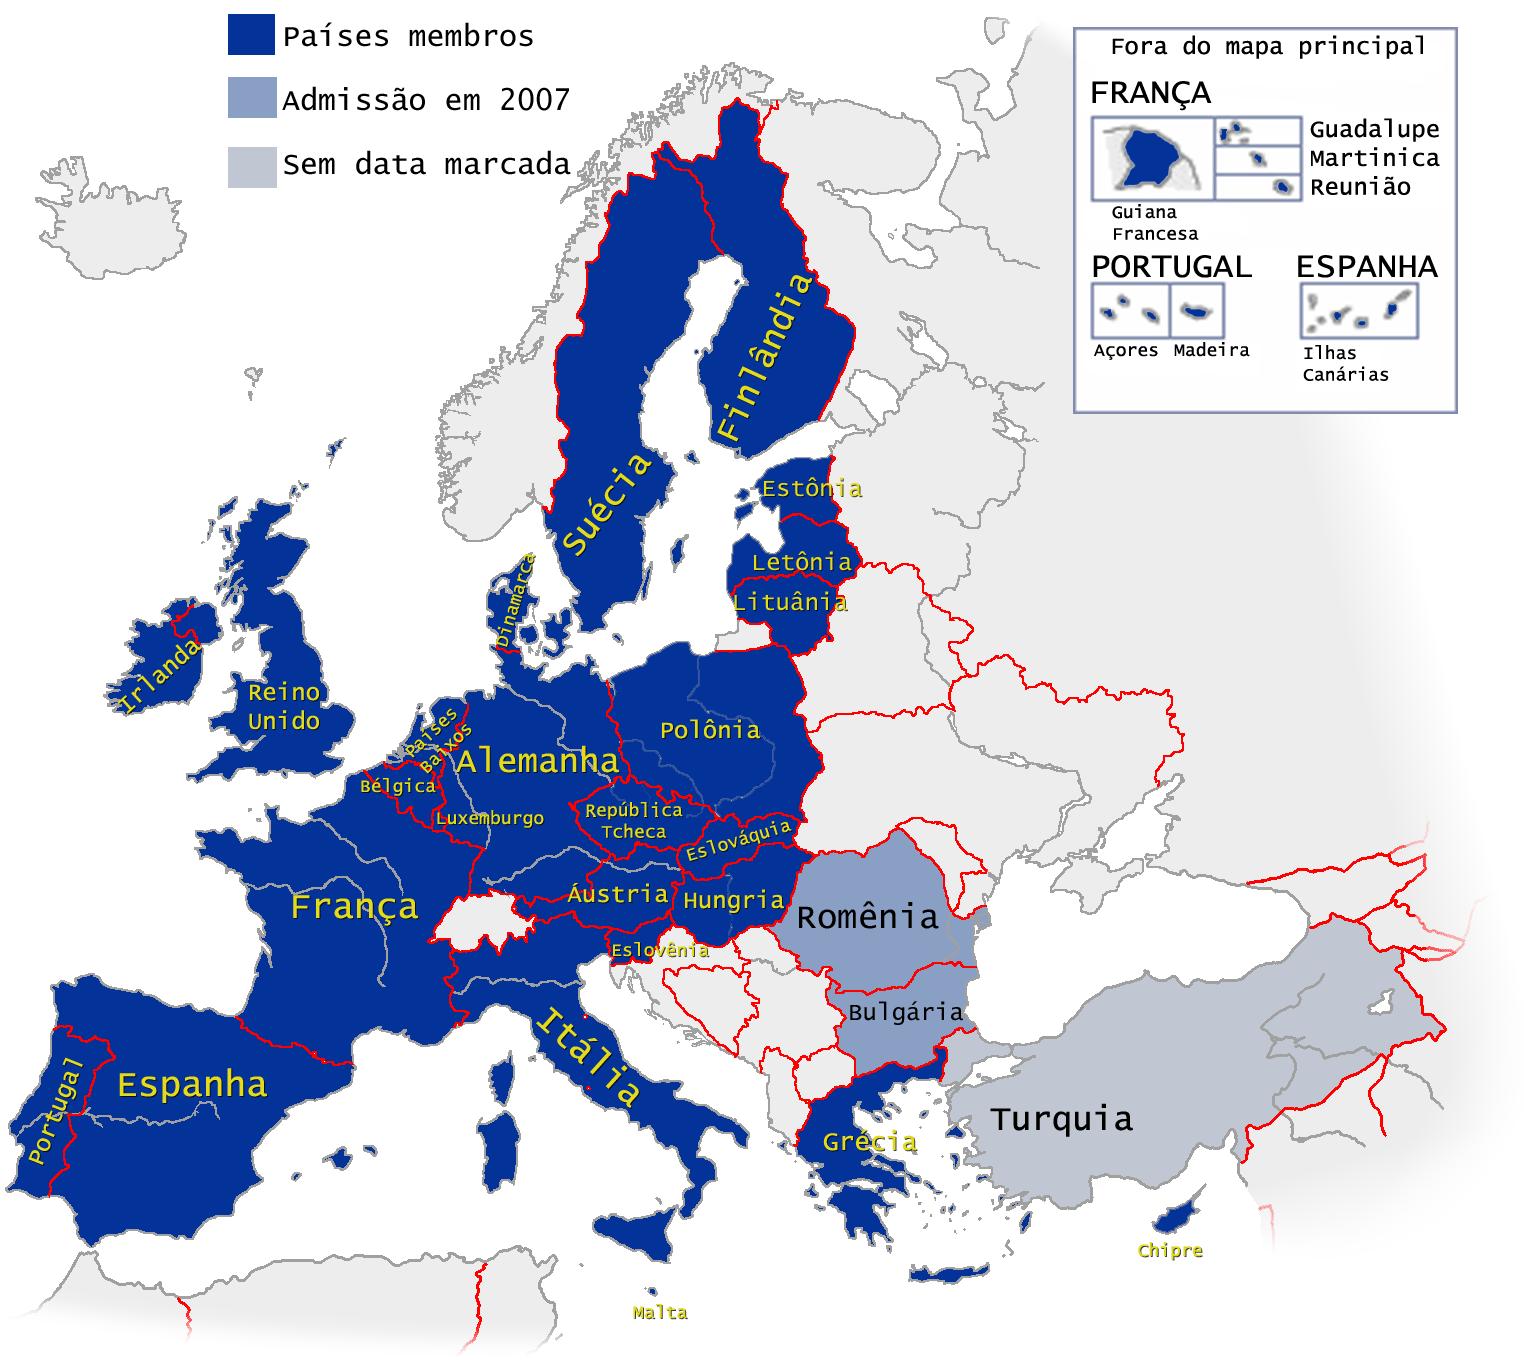 File:Membros da UE.png.